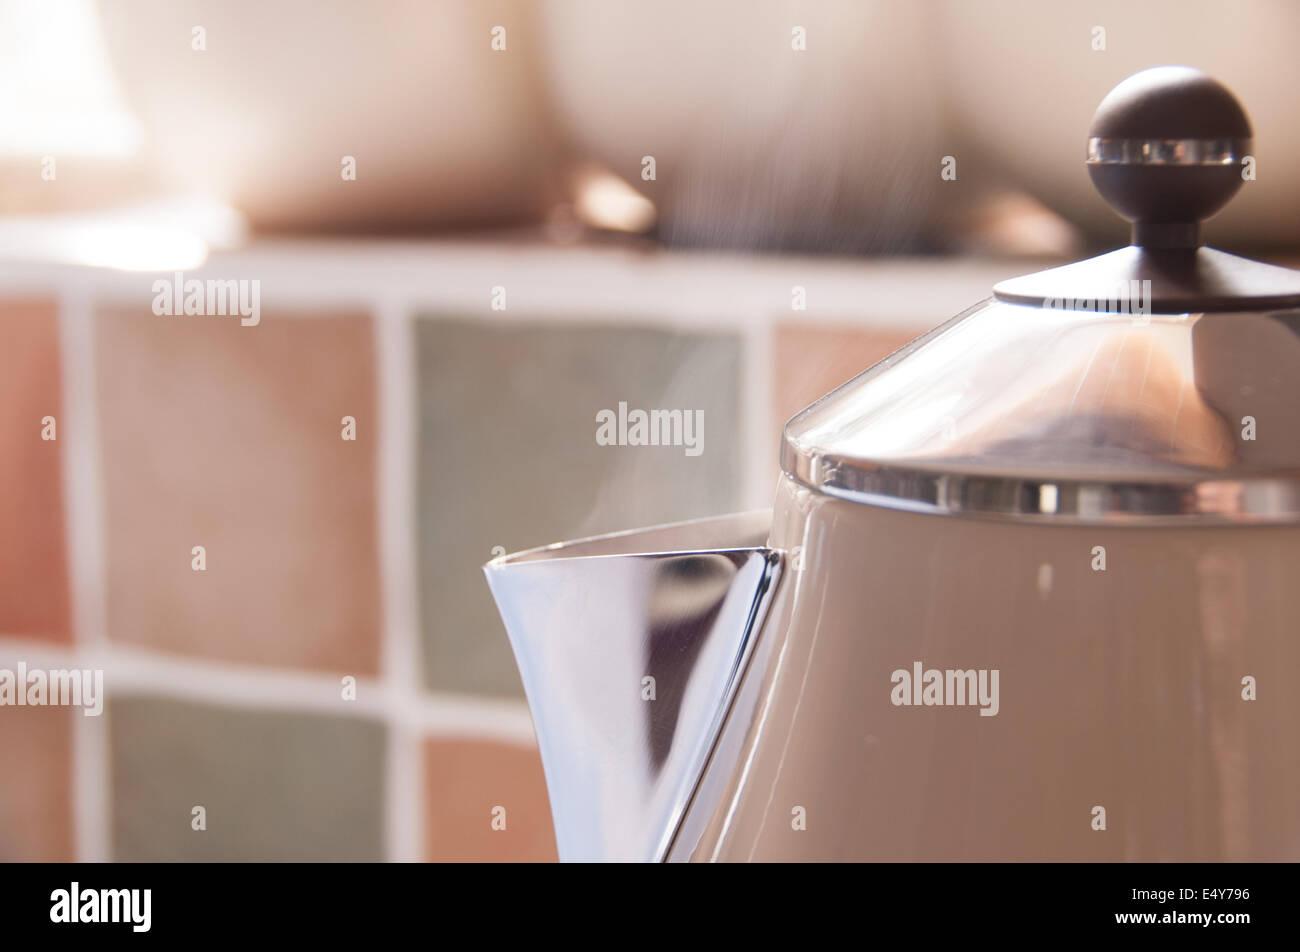 Crema e bollitore metallico ebollizione in una cucina Immagini Stock